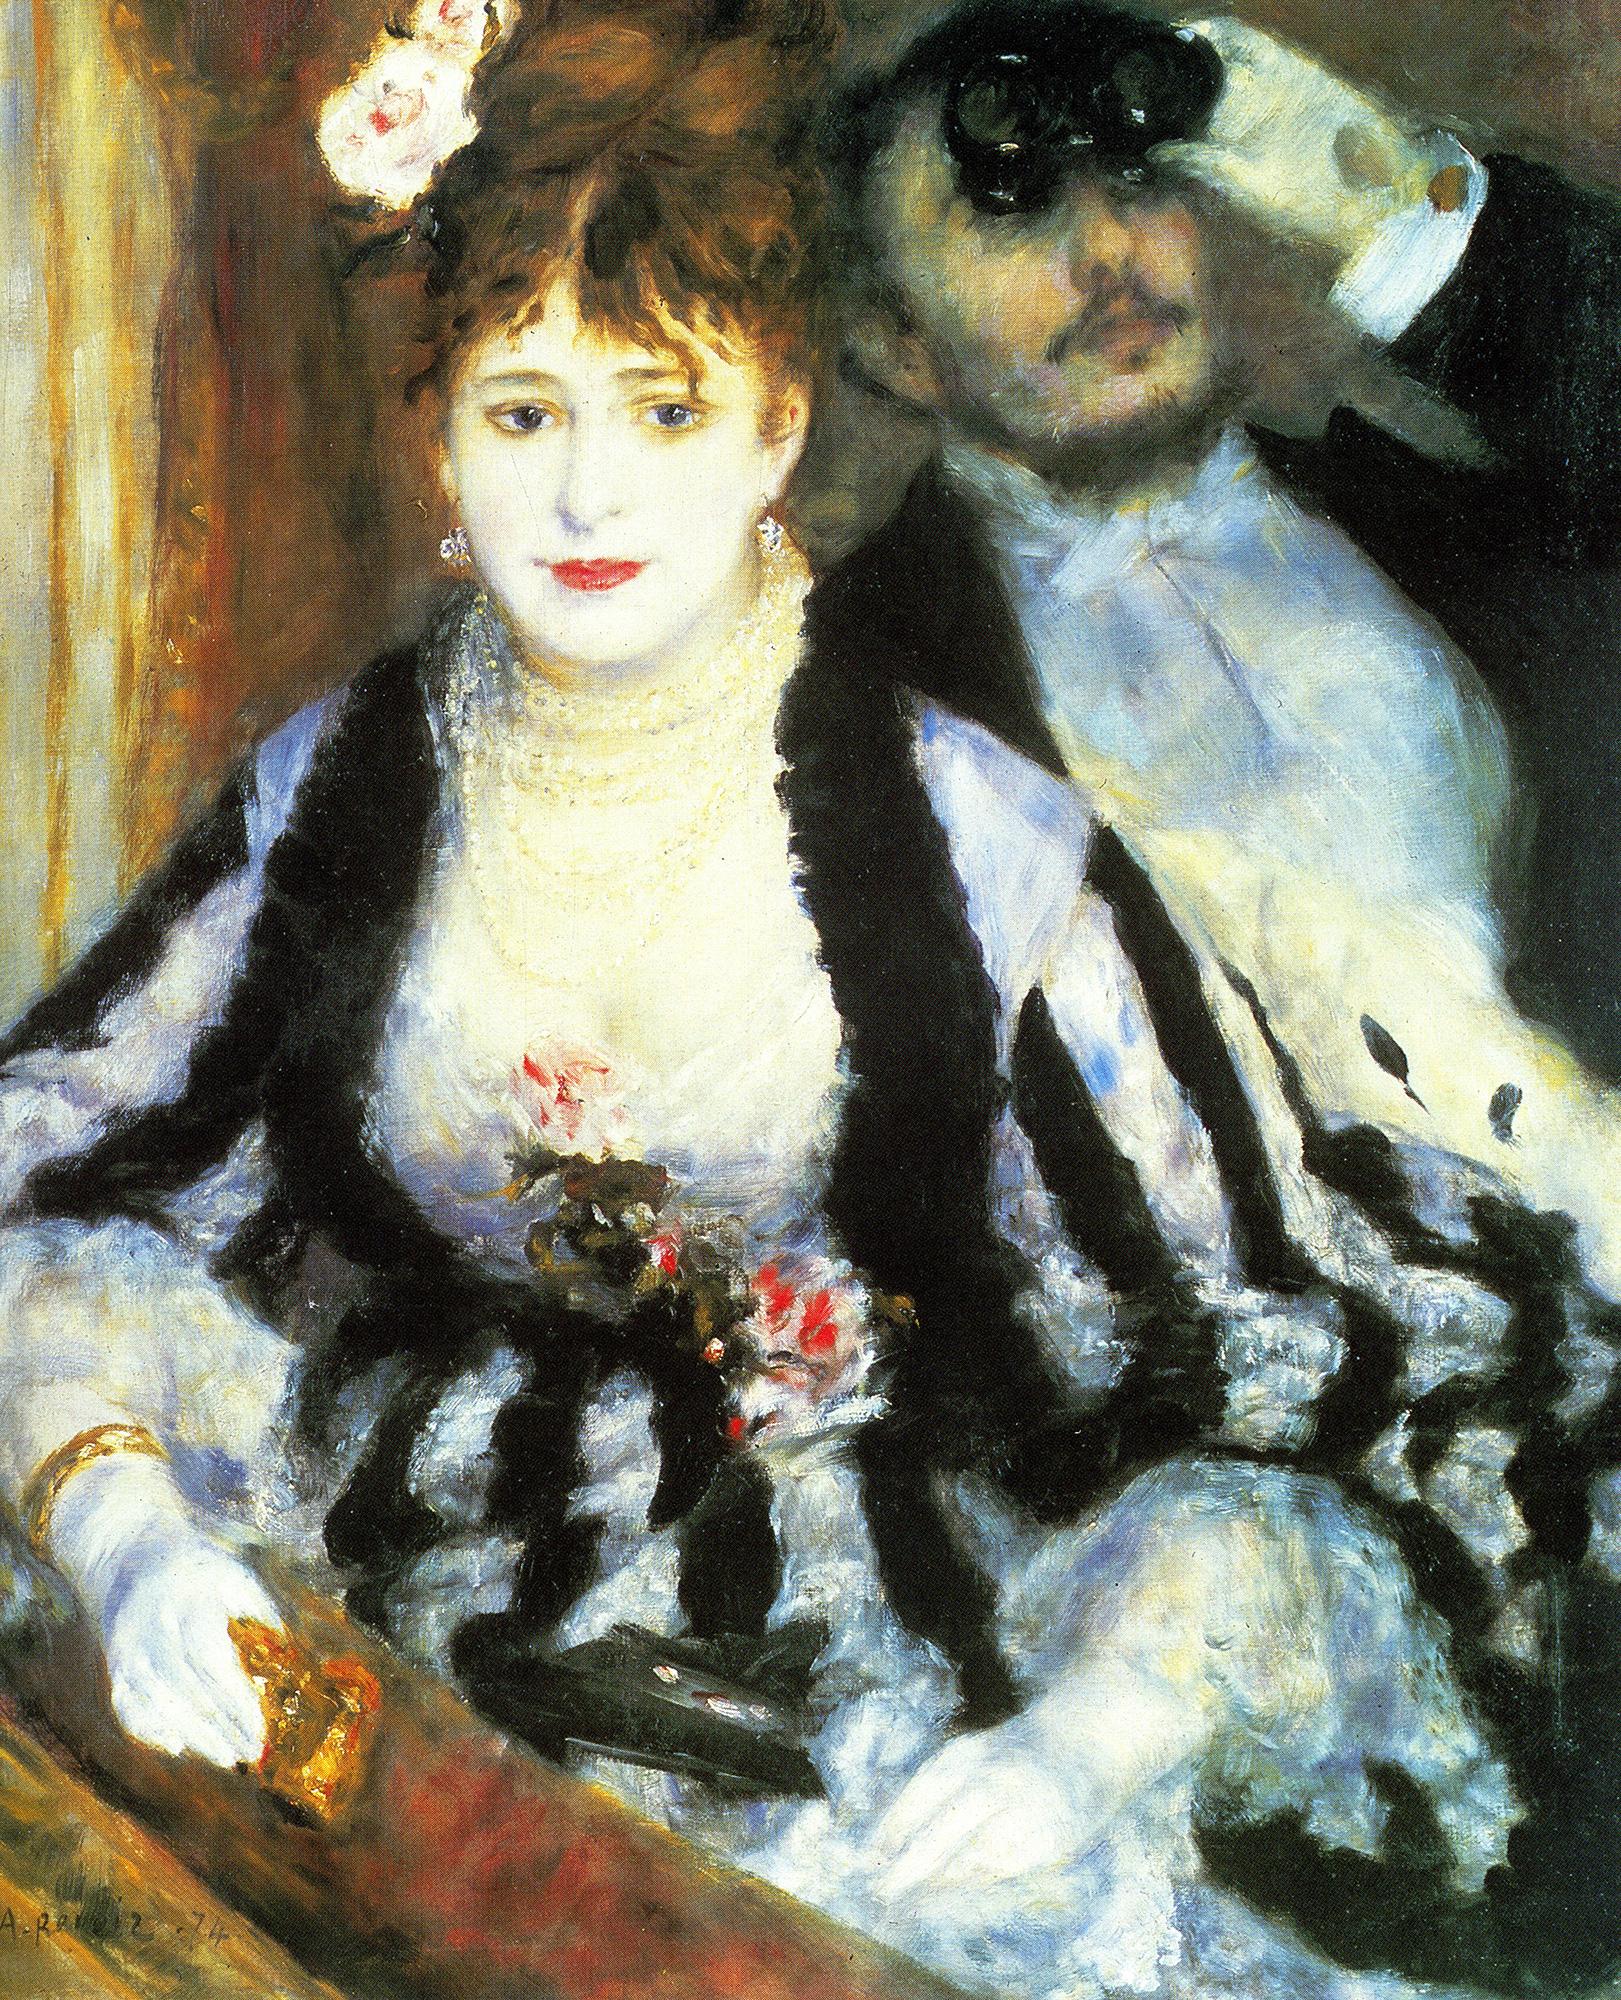 August Renoir, La Loge, 1874